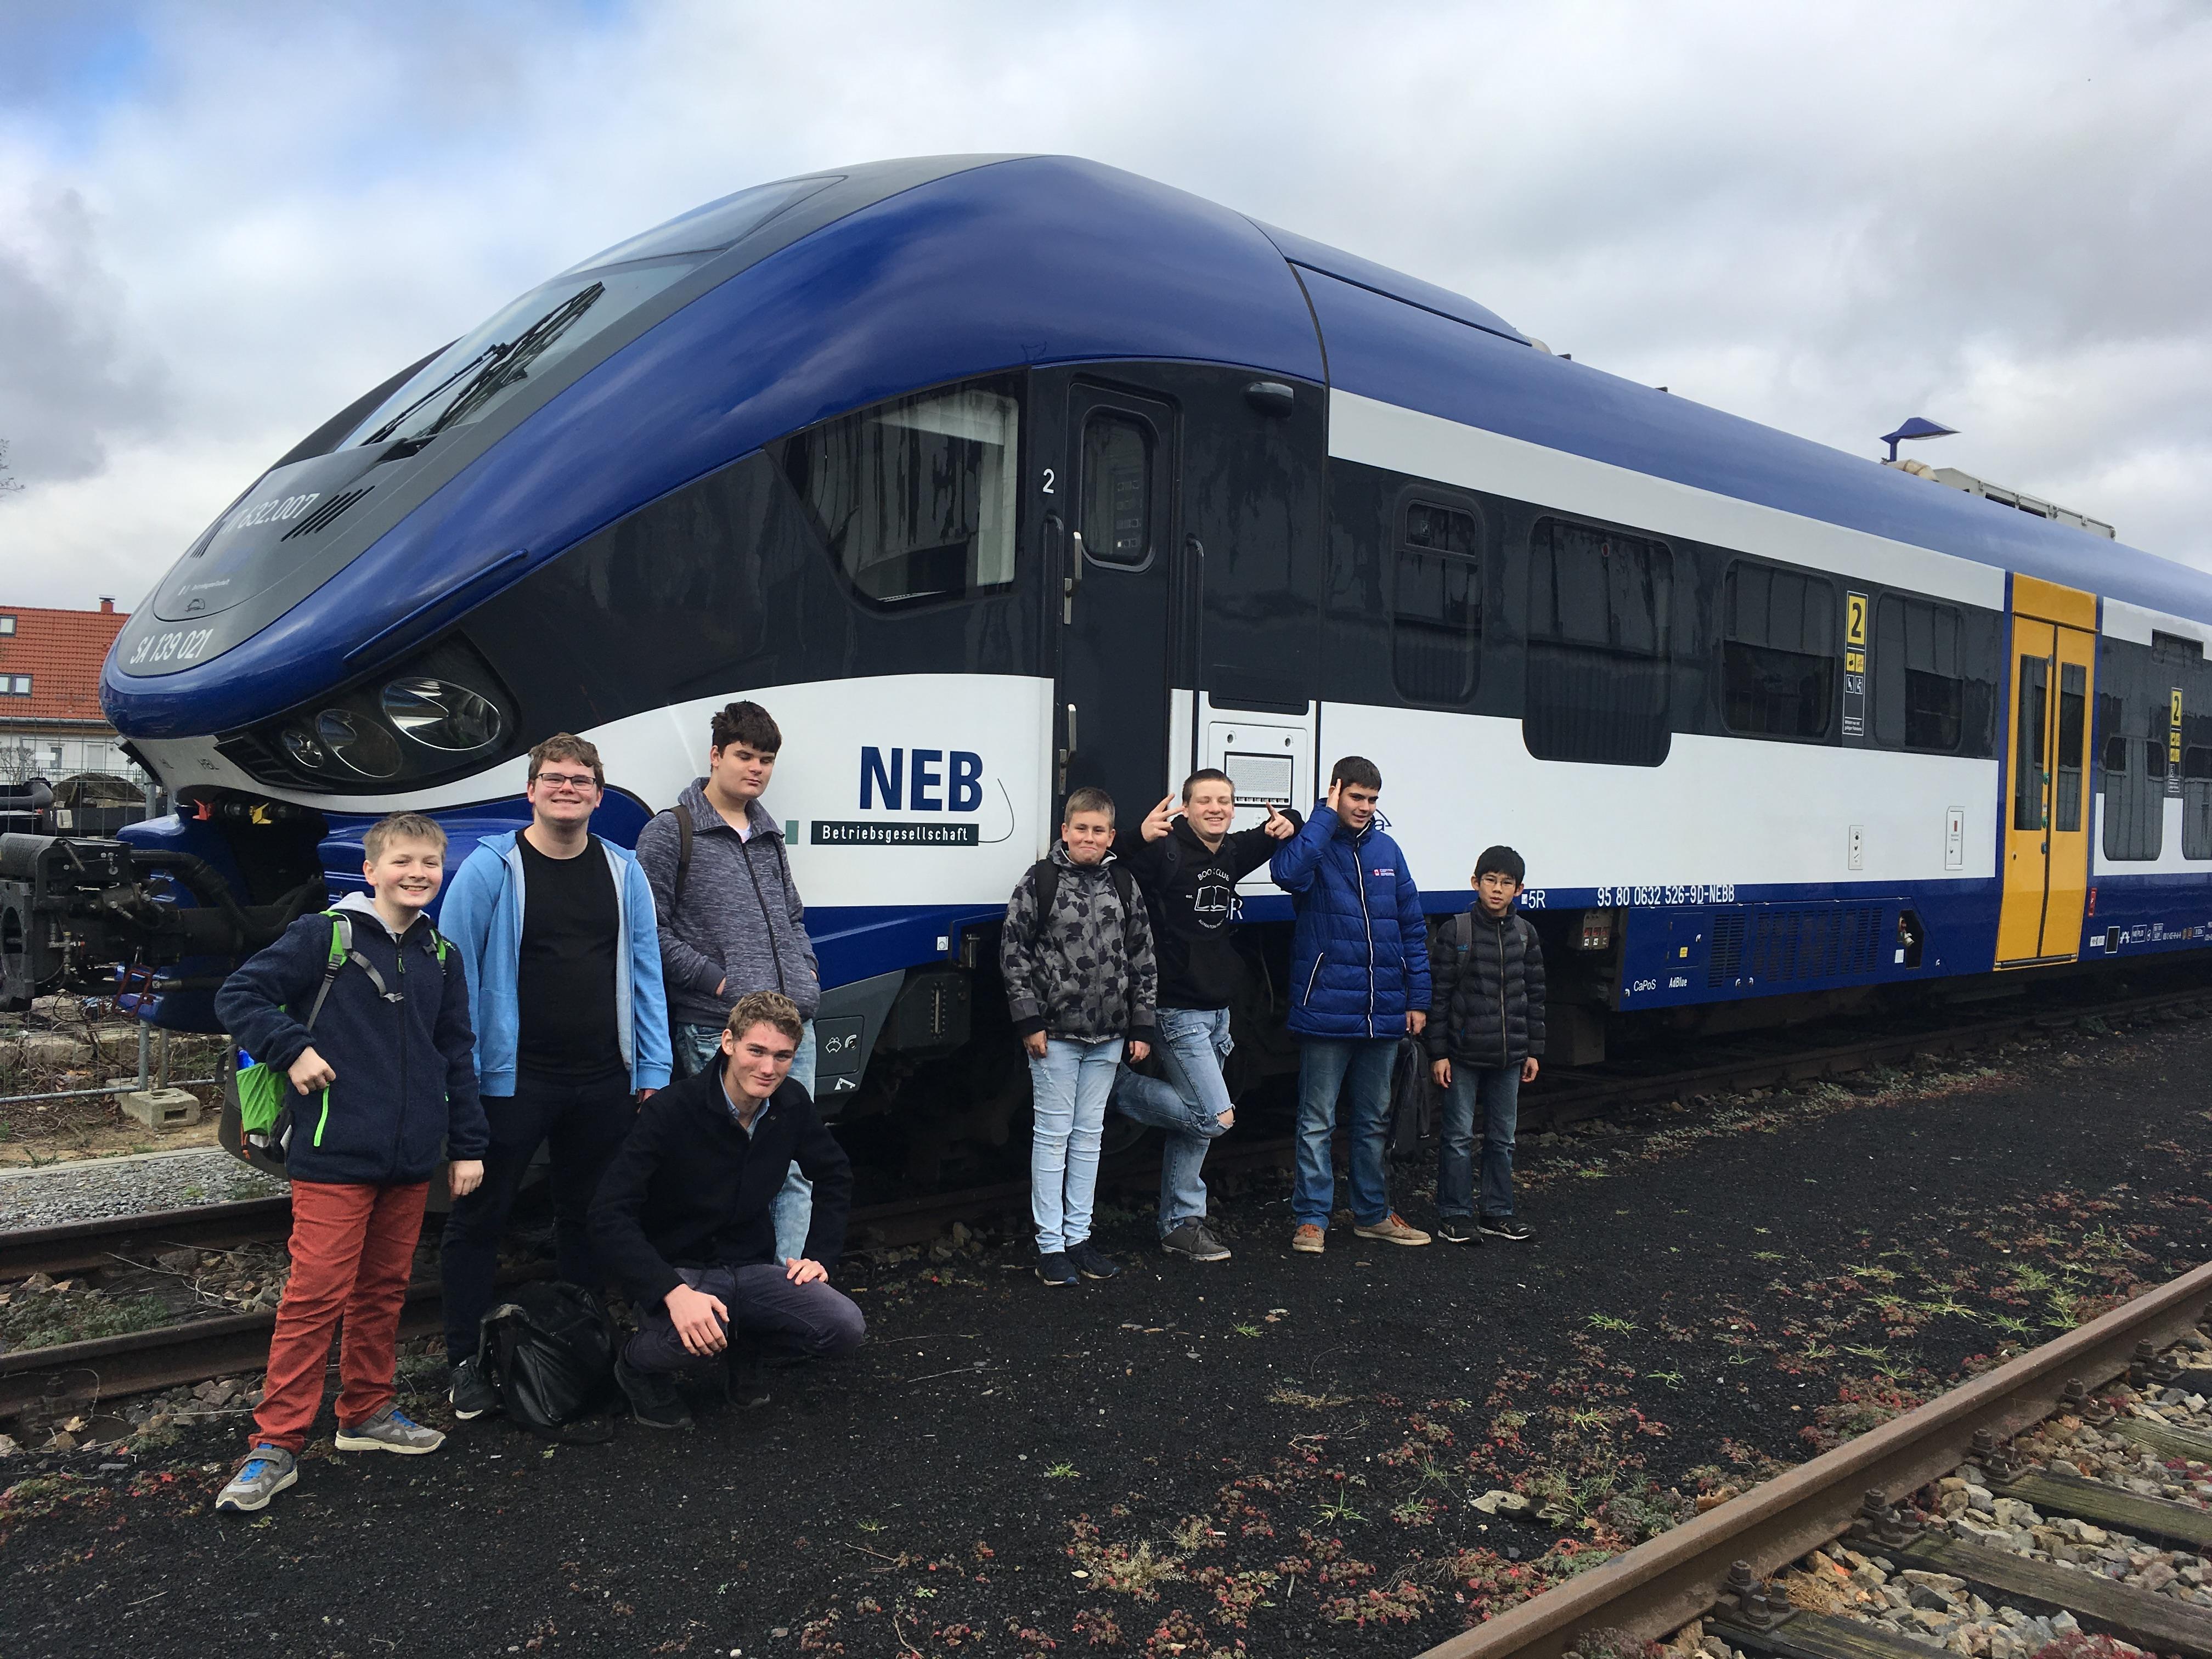 Neb Und Berliner Eisenbahnfreunde Parkeisenbahn Wuhlheide